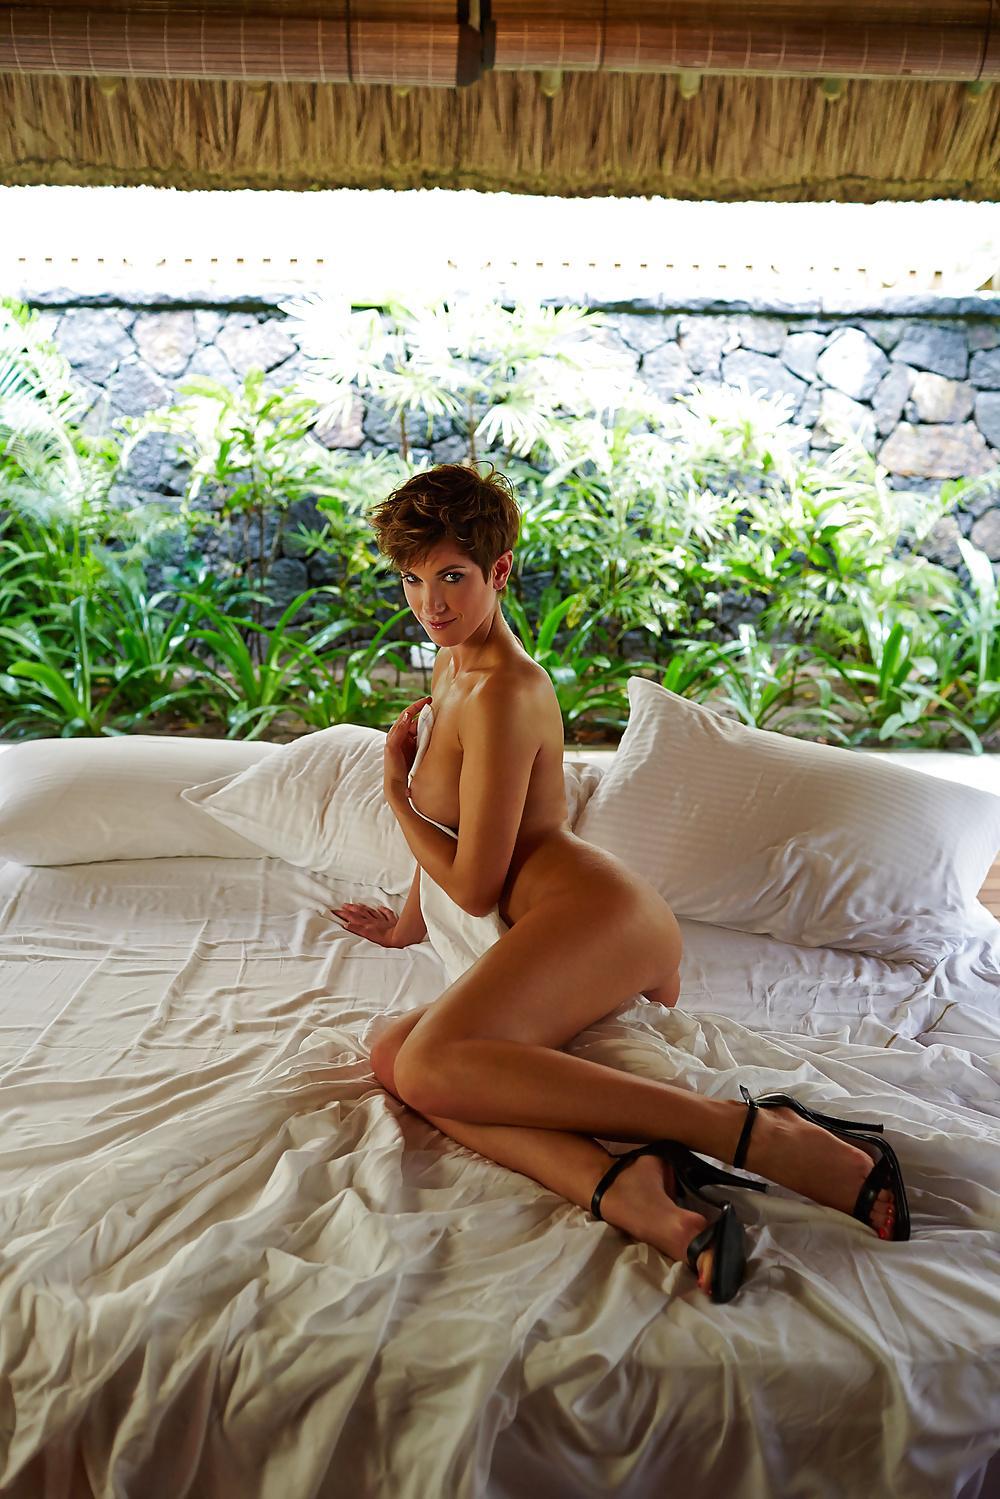 nackt curvy big beine porno gallerie pics